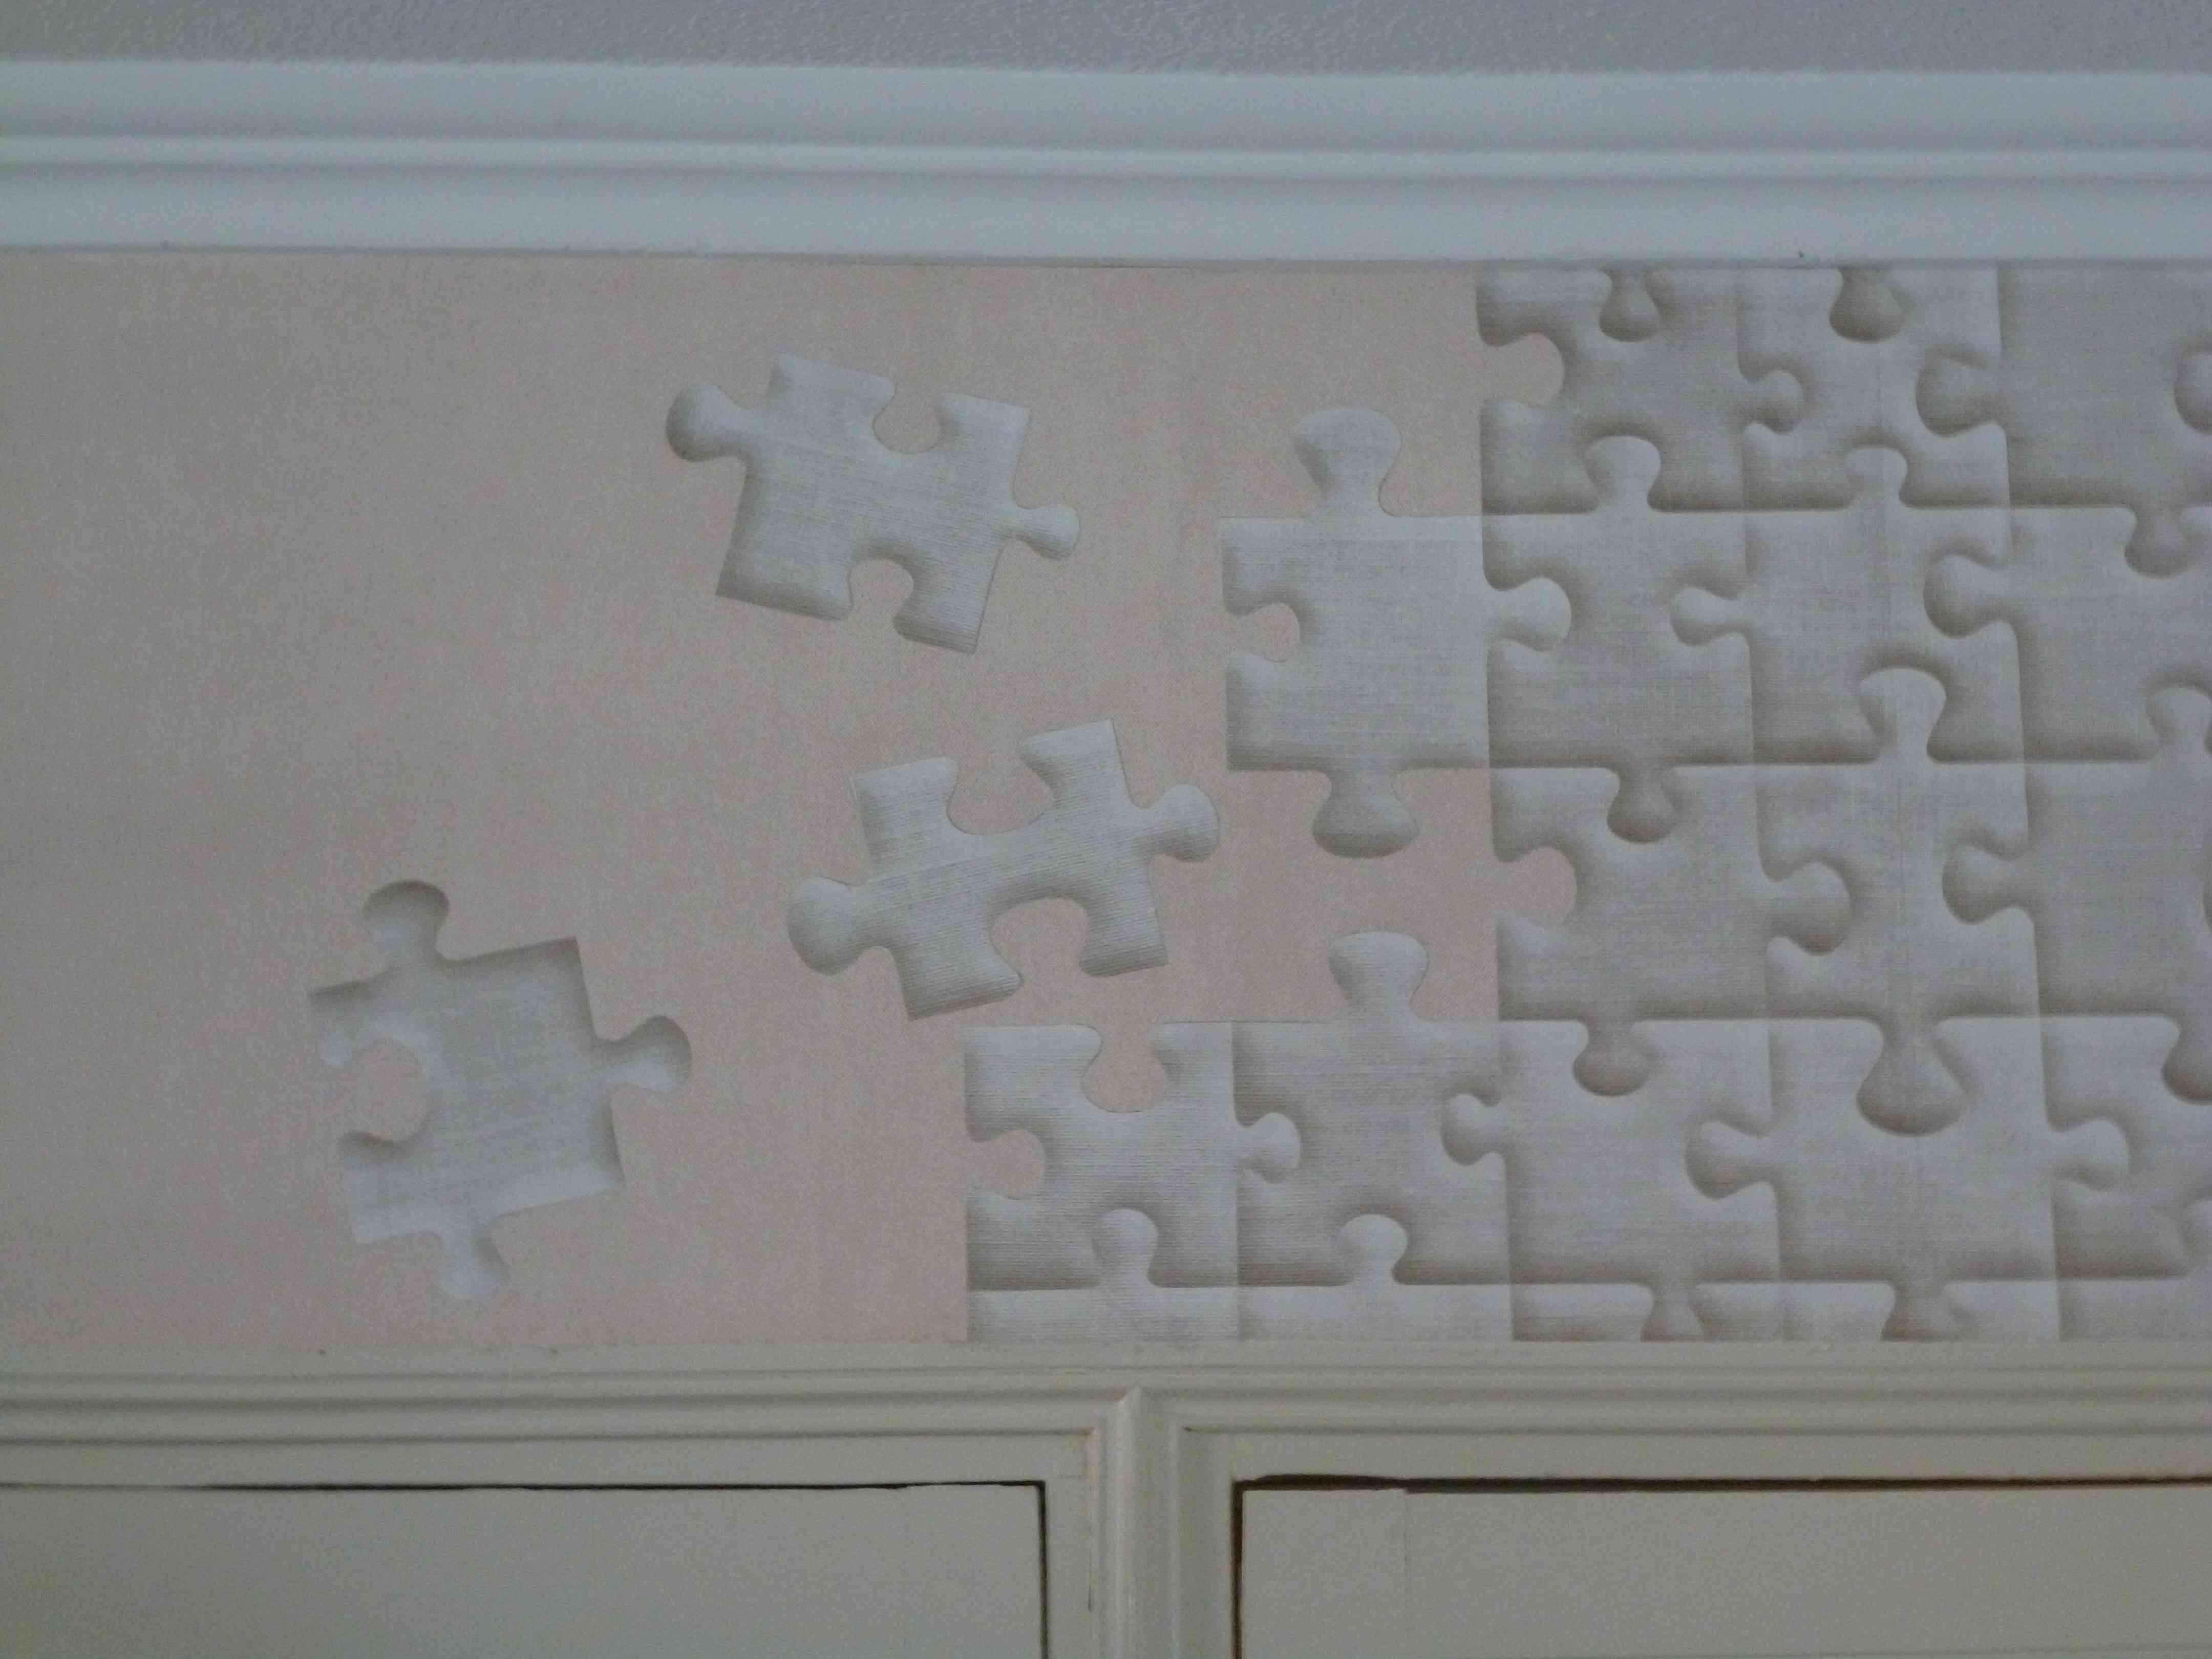 Salle de jeu tous les tages le blog - Astuce enlever papier peint ...